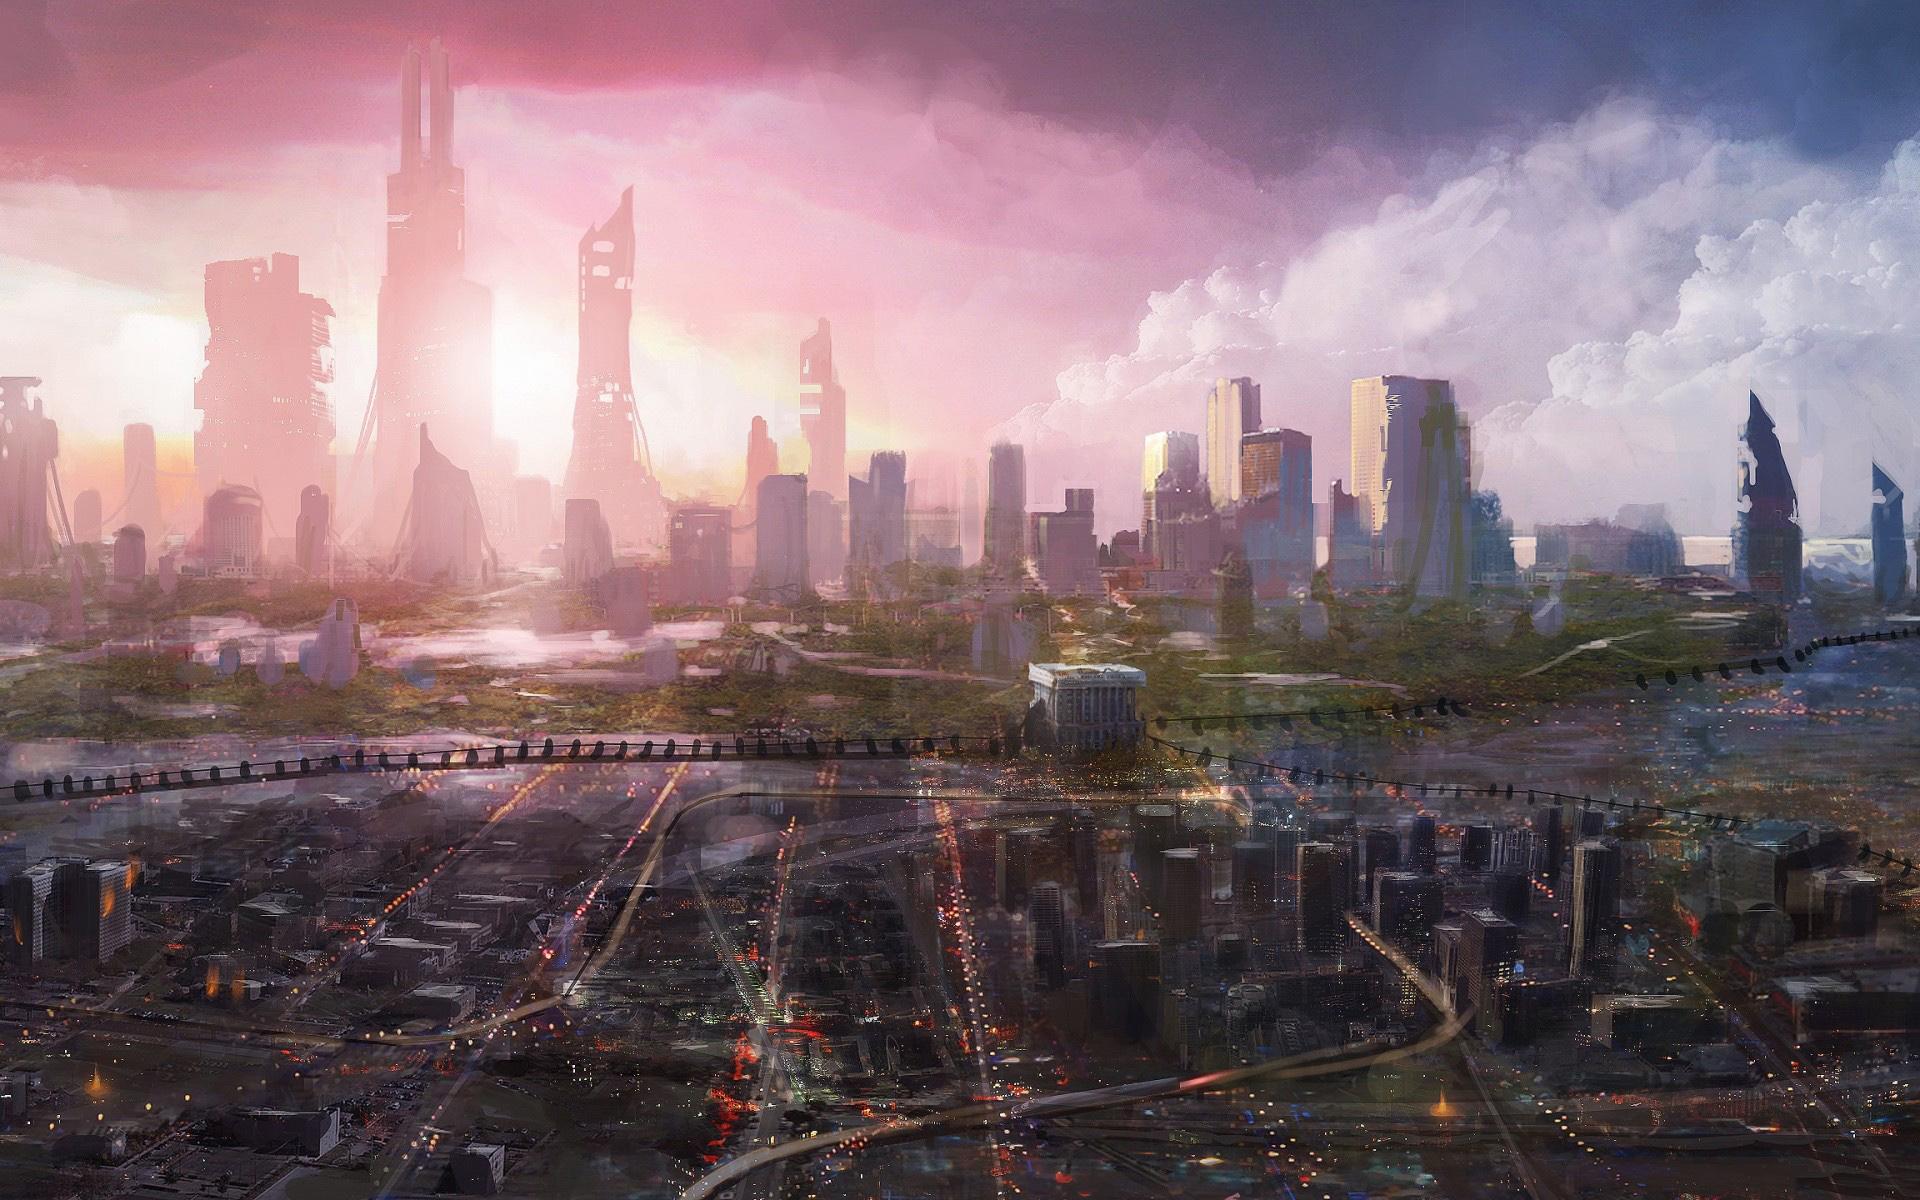 Какой будет Земля в 2050 году? 13 пугающих прогнозов о будущем мира